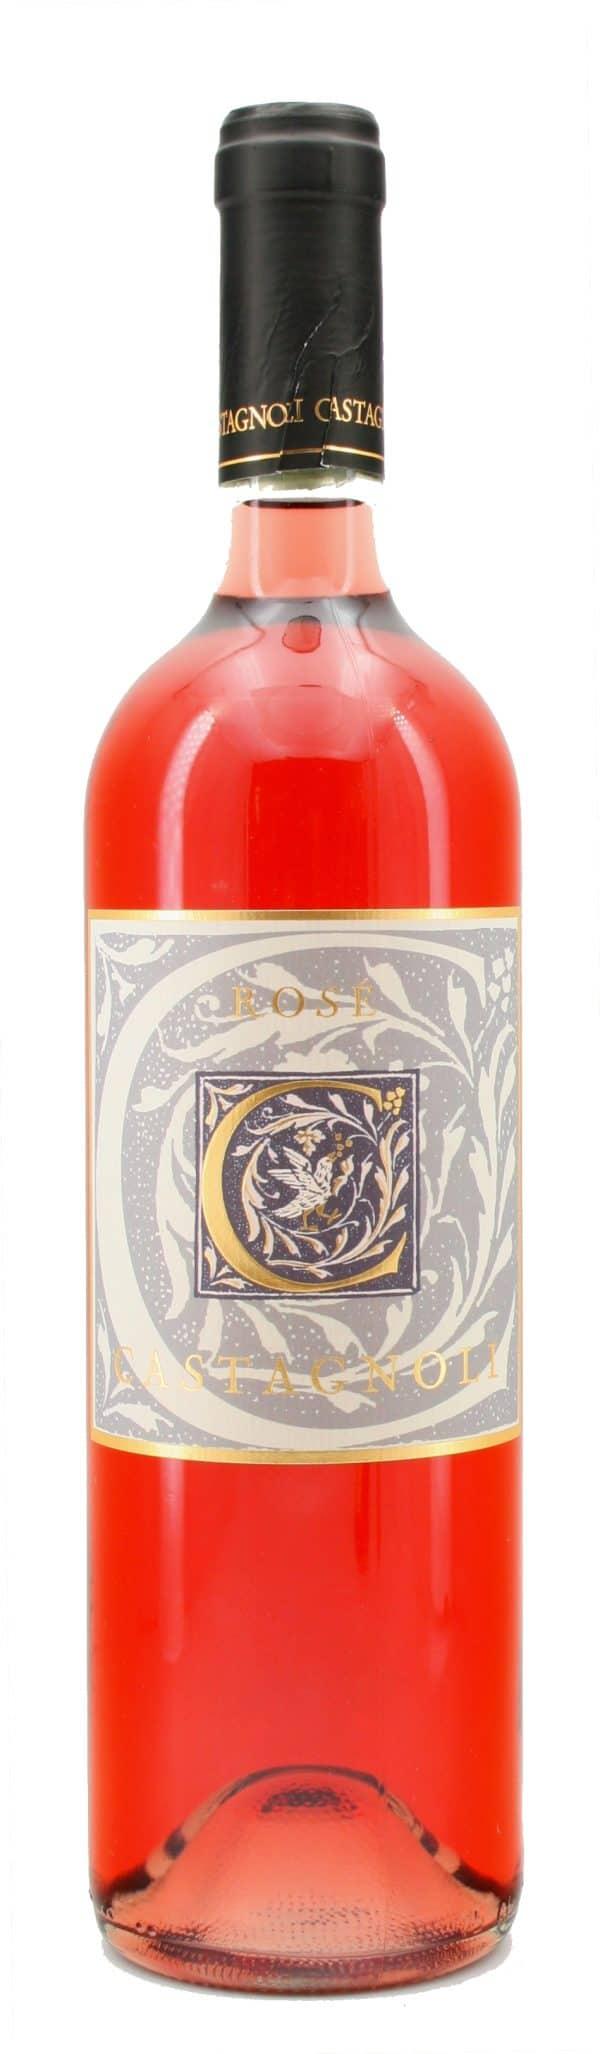 6 Flaschen 2020 Rosé